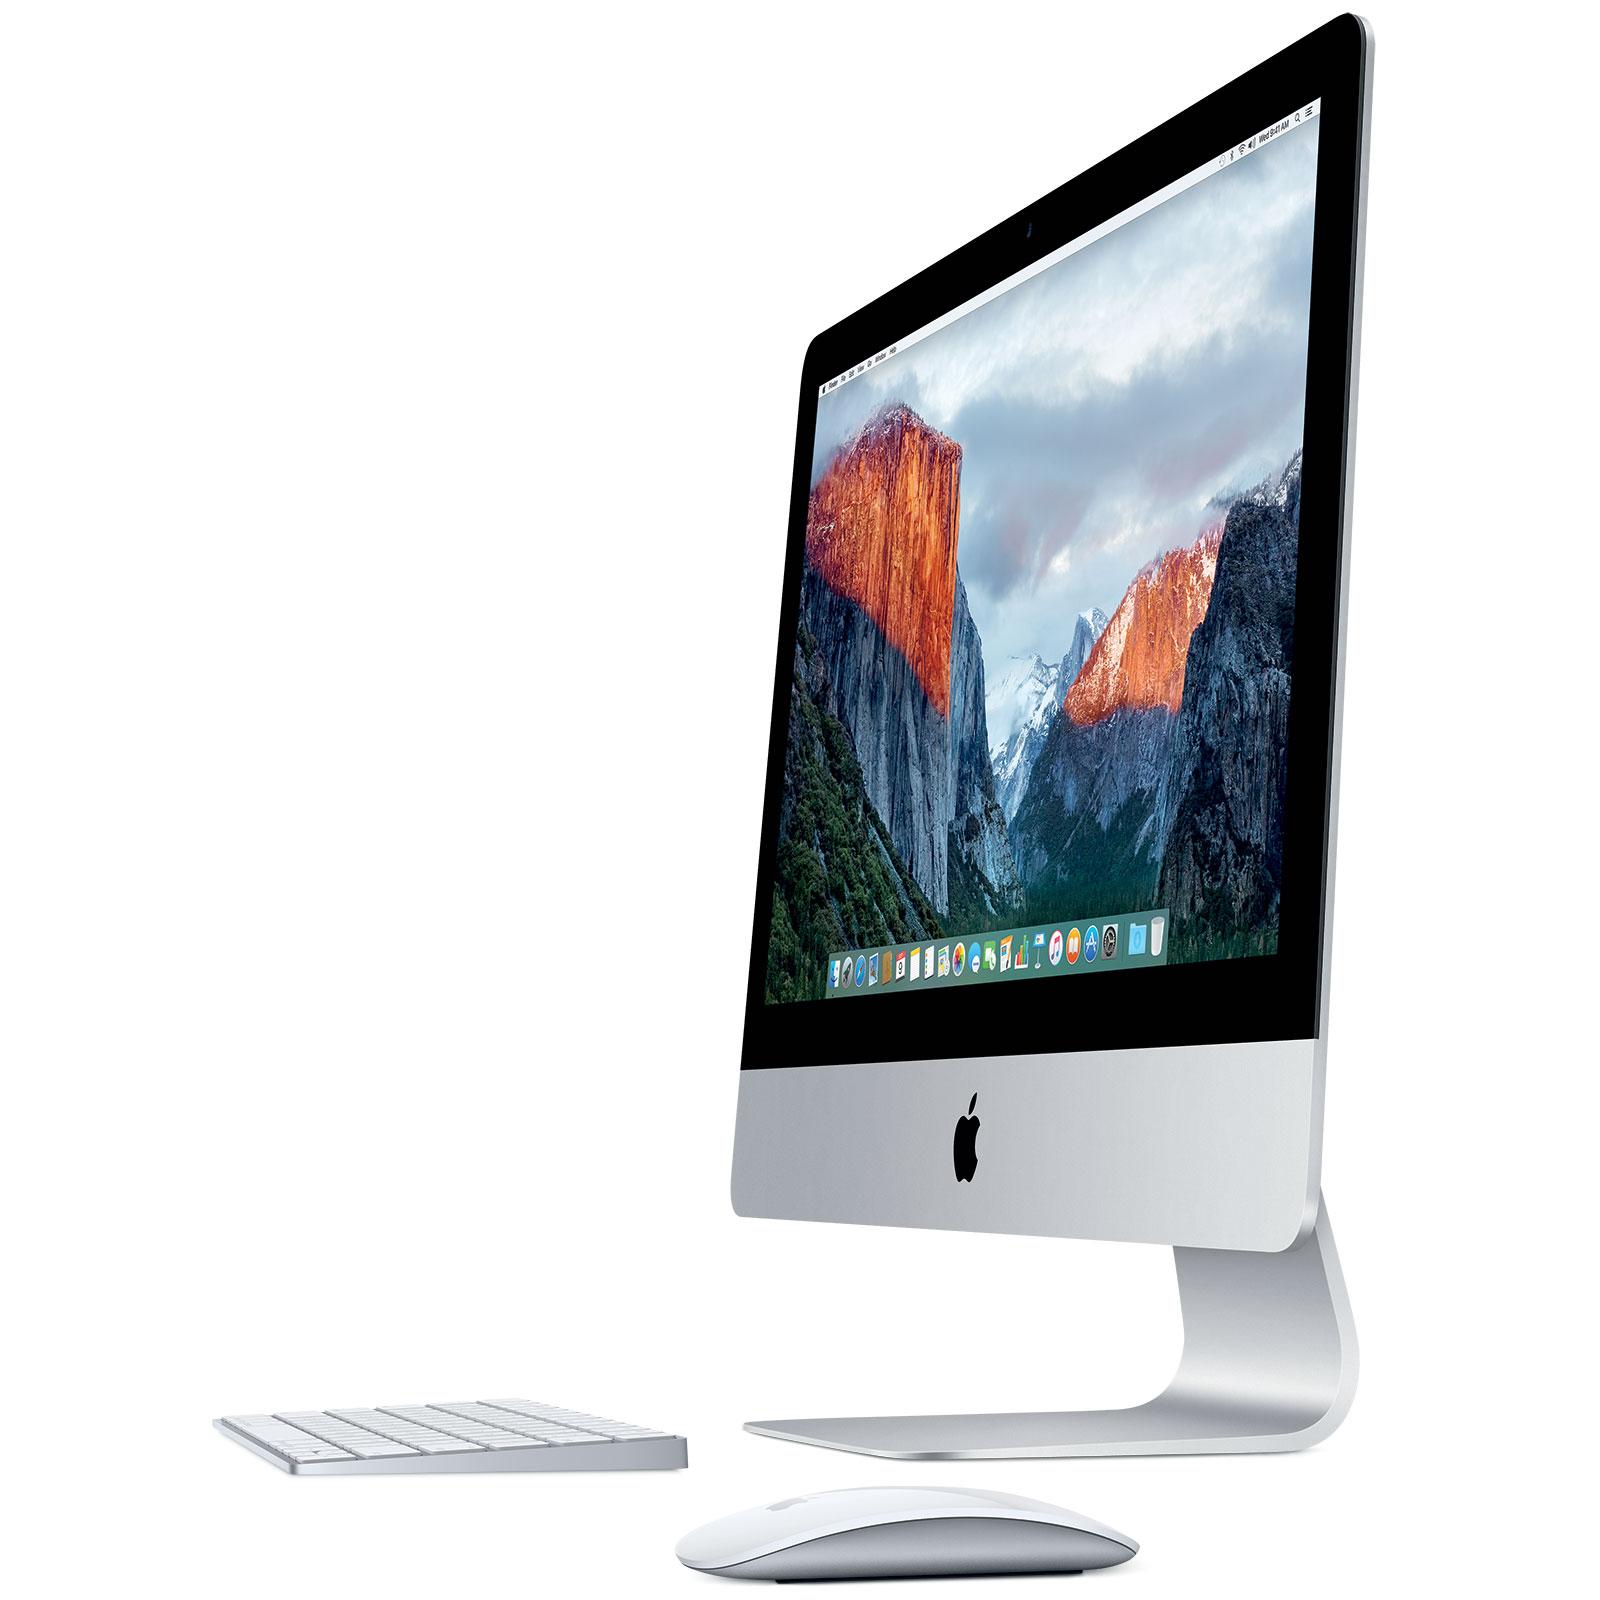 Apple iMac 21.5 pouces (MK142FN A) - Ordinateur Mac Apple sur LDLC.com b9f08b07292e